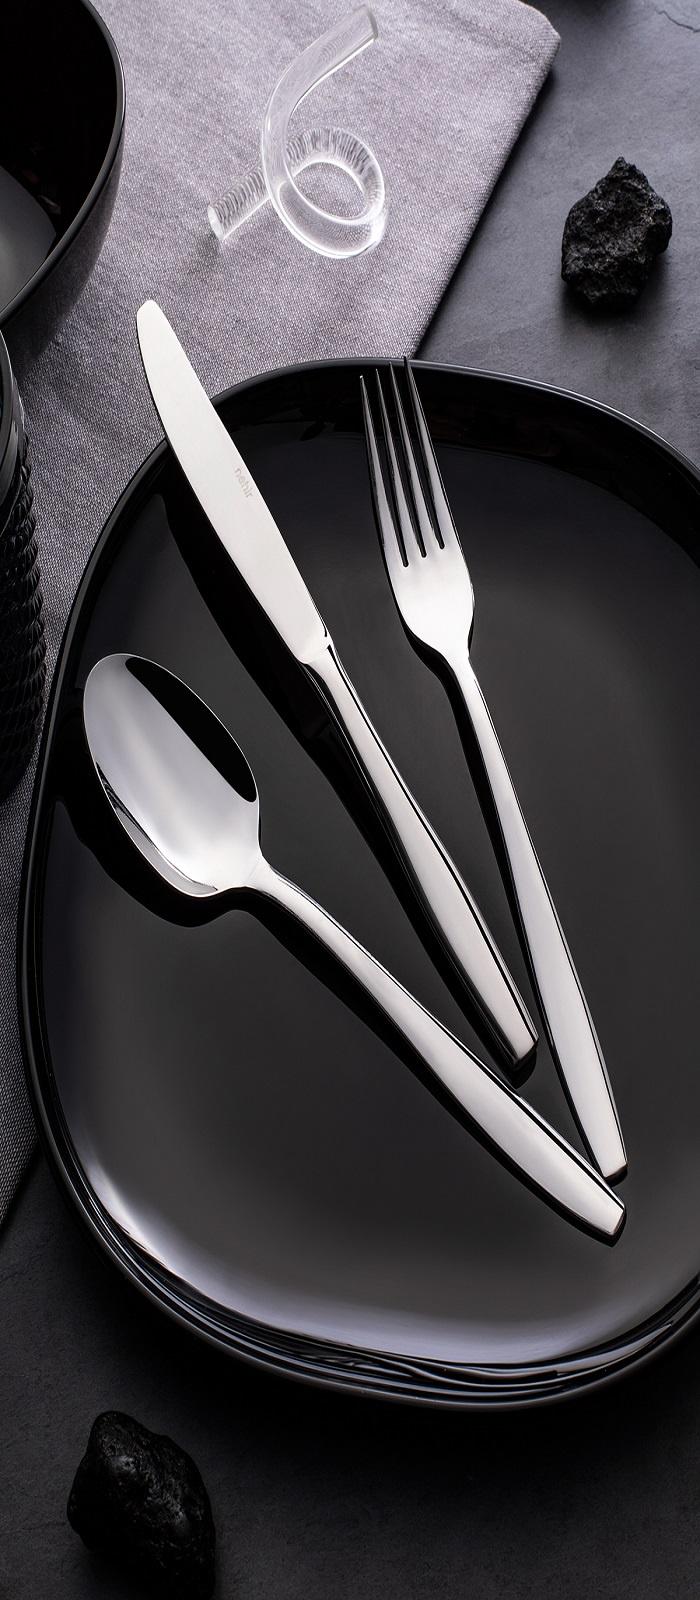 Набор столовых приборов NEHIR SAHRASADE, серебристый набор из 3 столовых ножей крис 2013037u